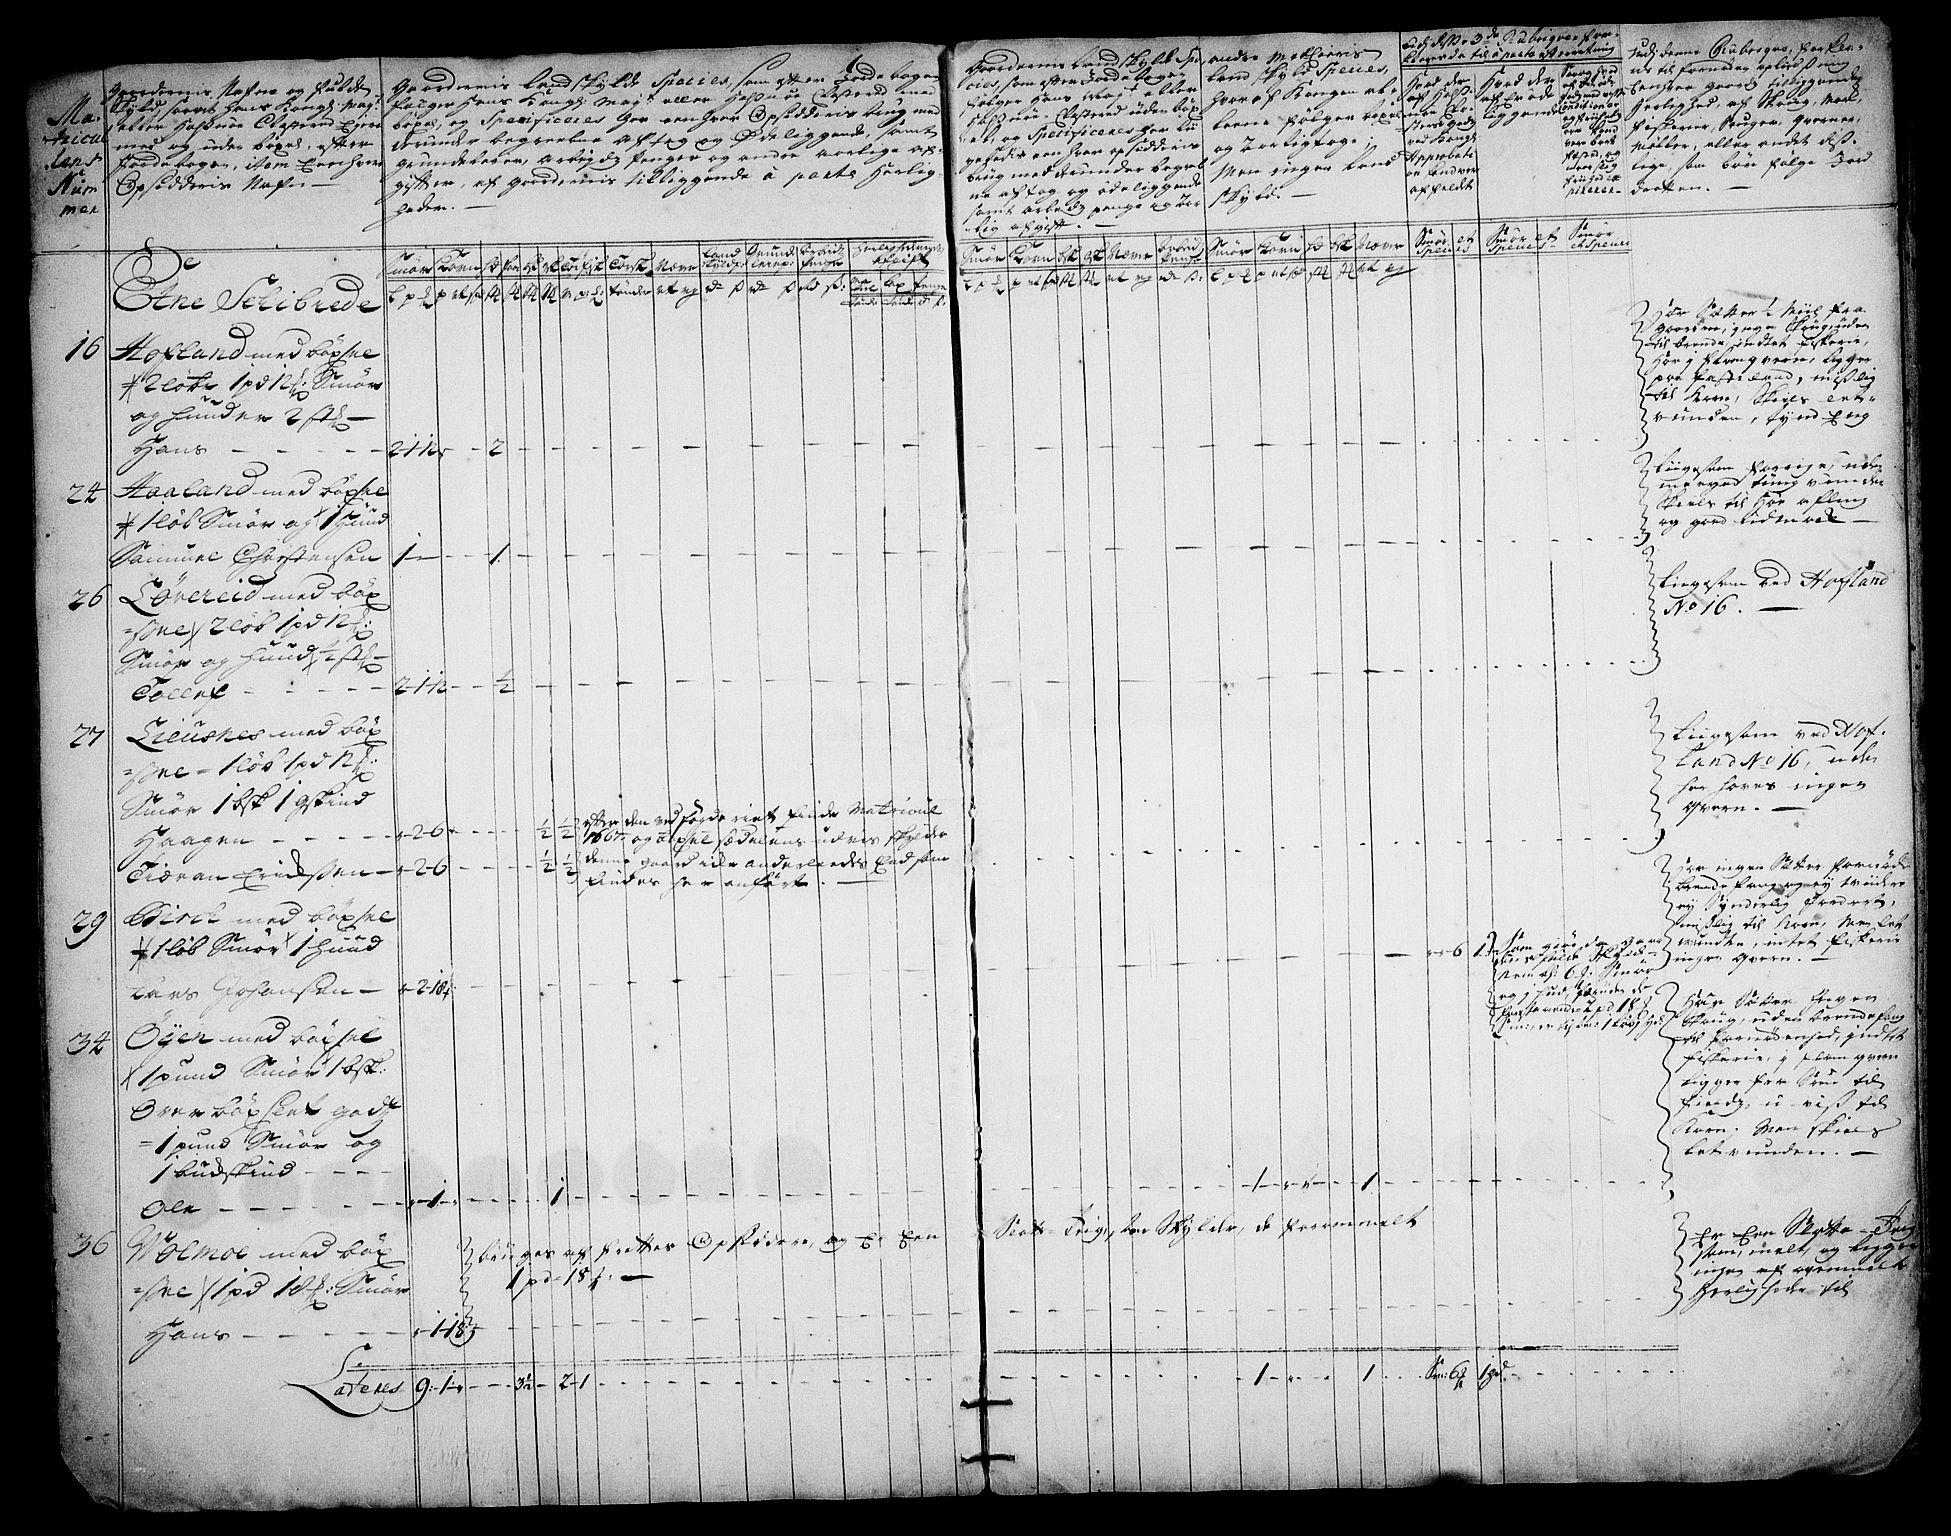 RA, Rentekammeret inntil 1814, Realistisk ordnet avdeling, On/L0003: [Jj 4]: Kommisjonsforretning over Vilhelm Hanssøns forpaktning av Halsnøy klosters gods, 1721-1729, s. 175